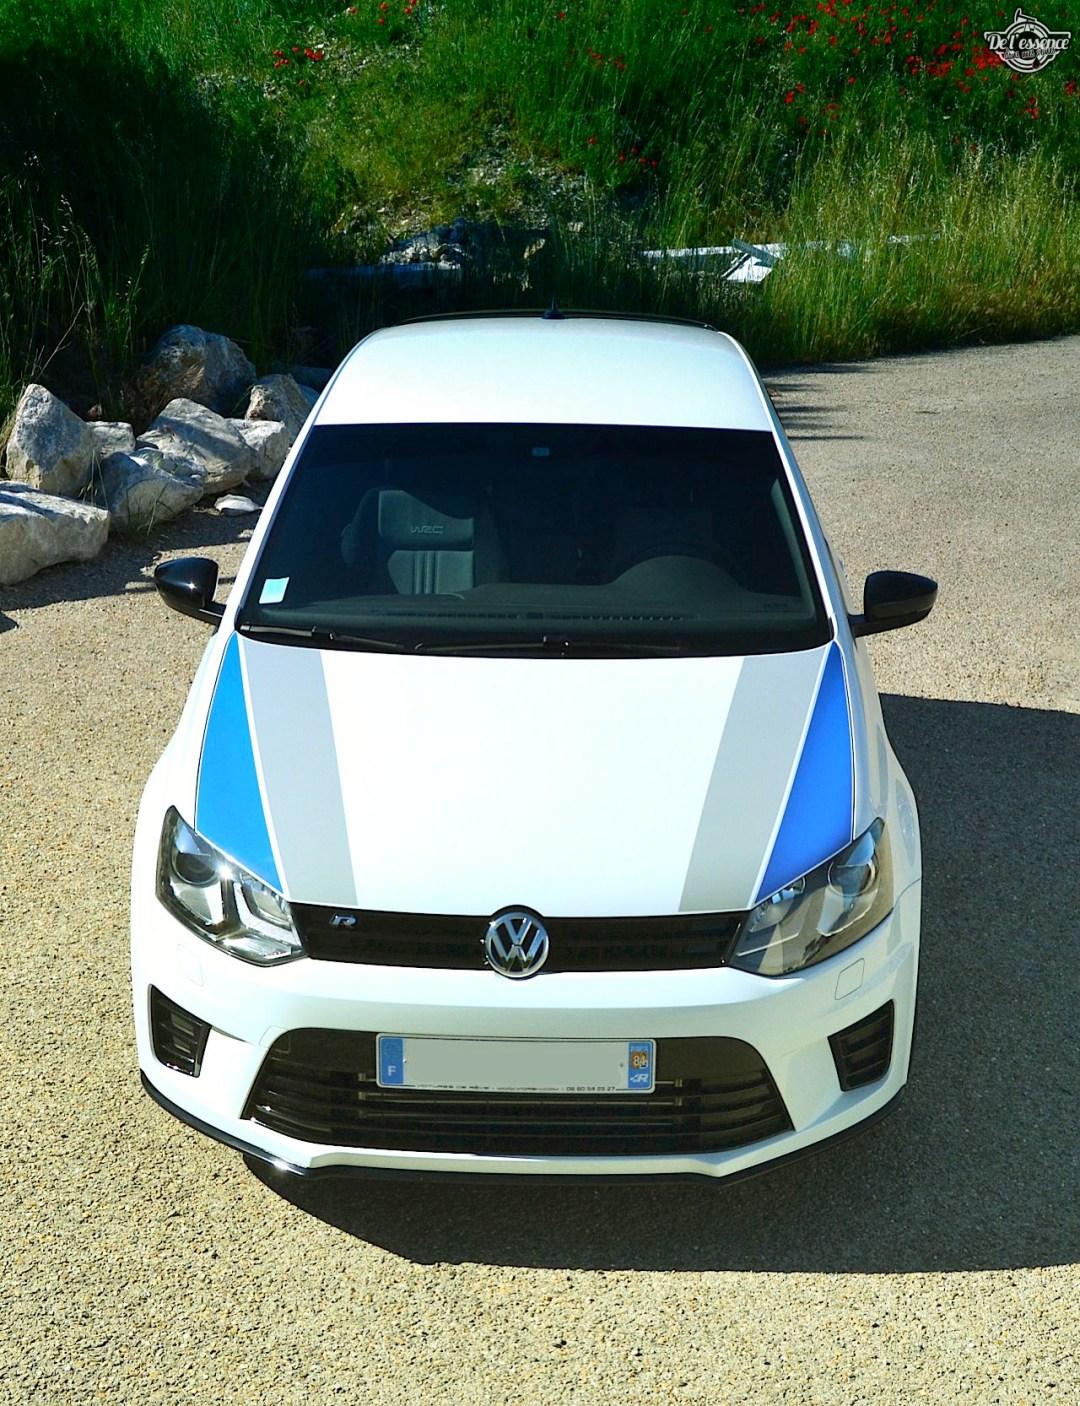 Alexandre's VW Polo R WRC Edition - Une fourmi de 400+ ! 84